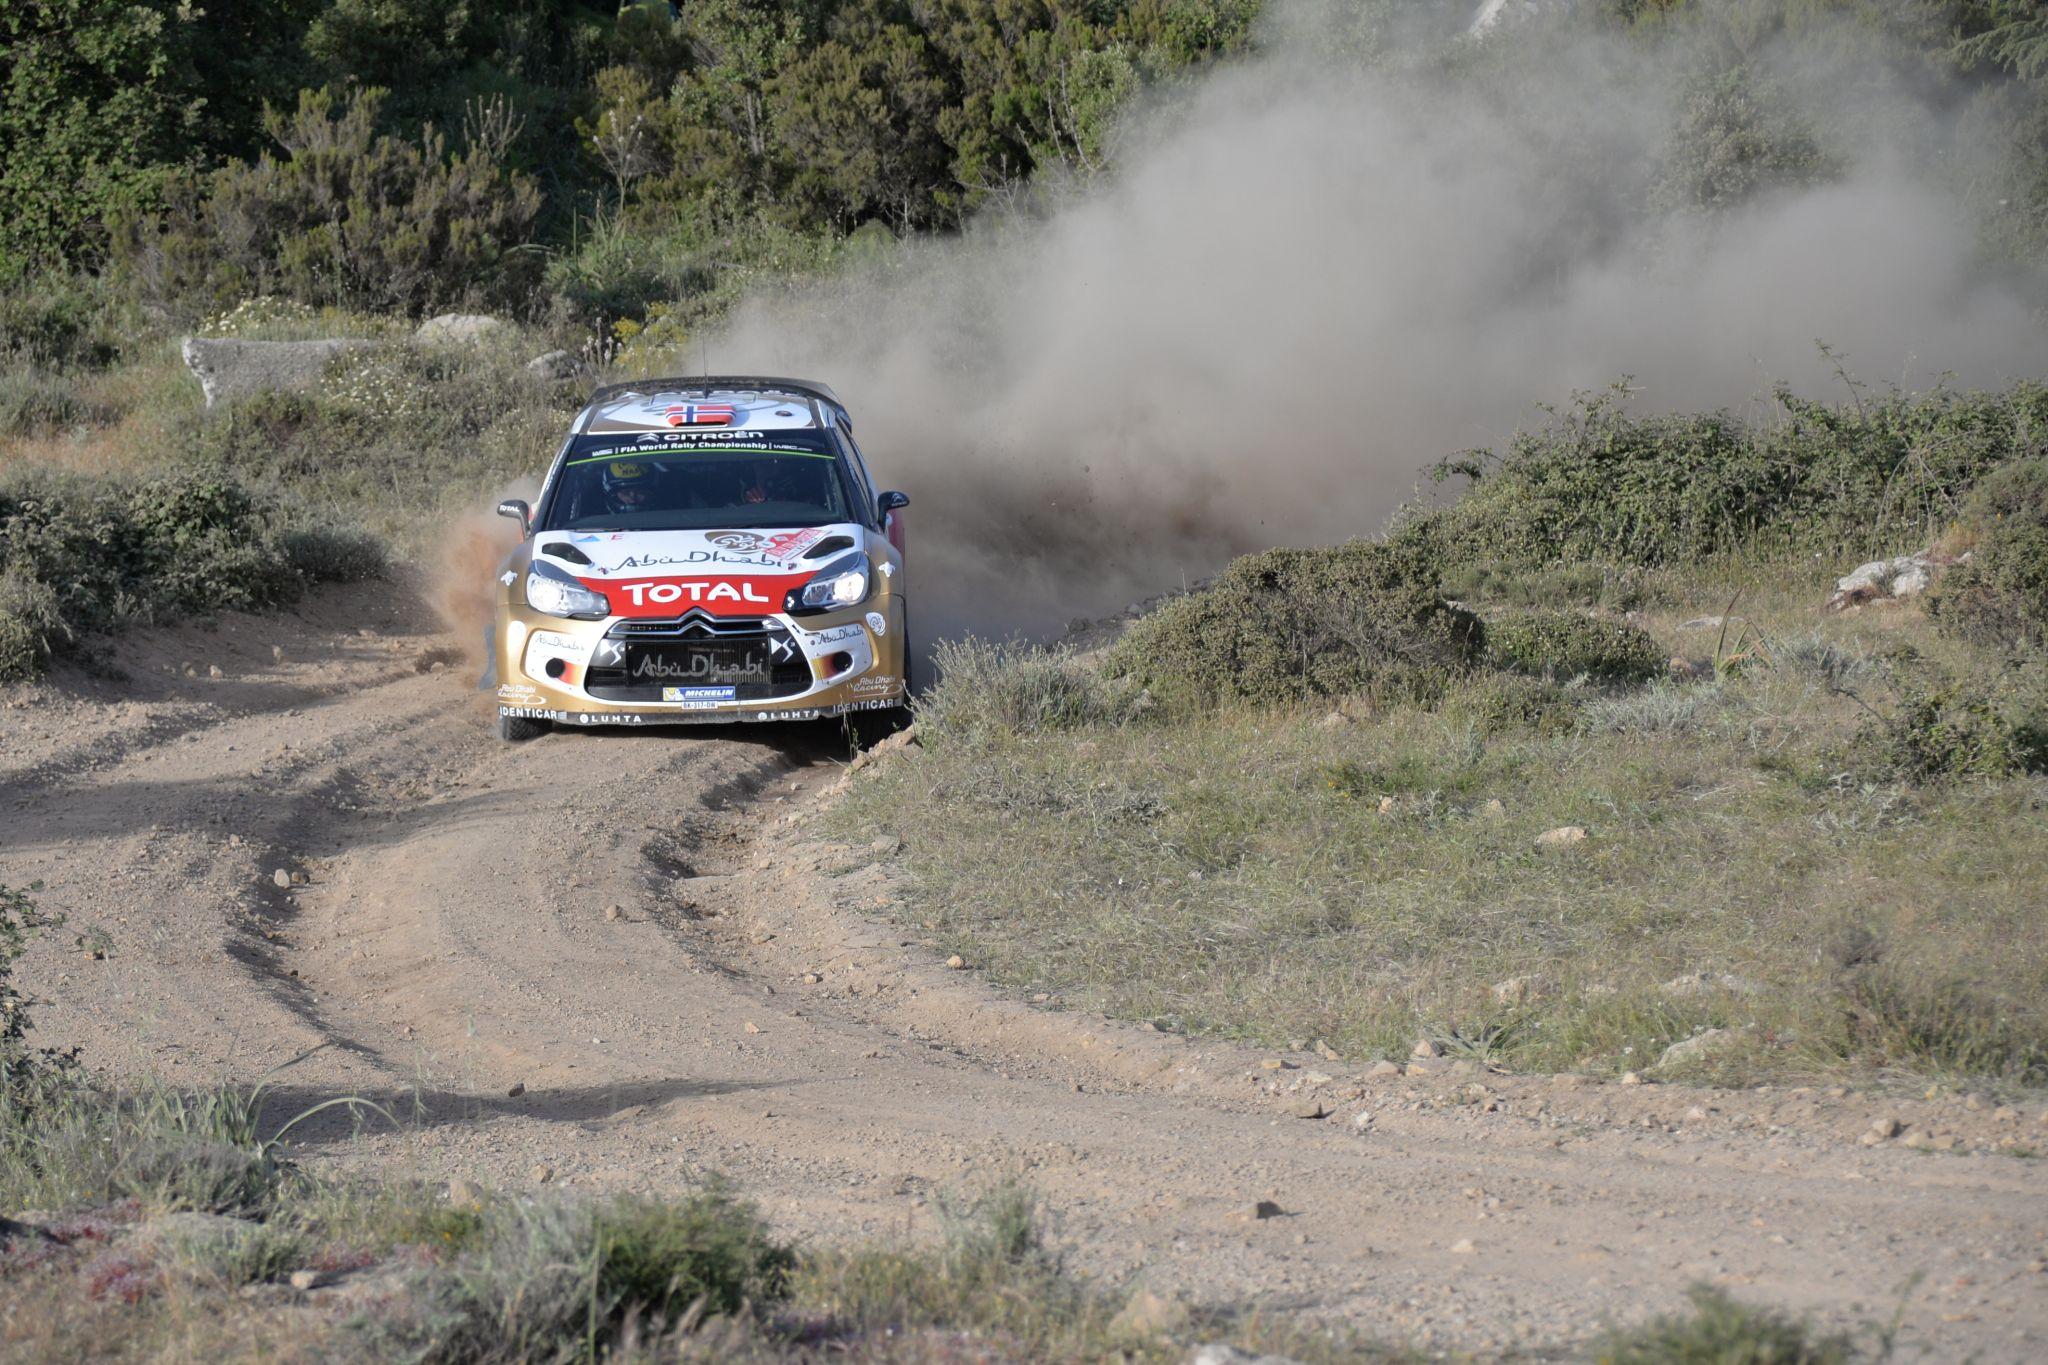 WRC 2014 Rally d'Italia by ignazio cruccas